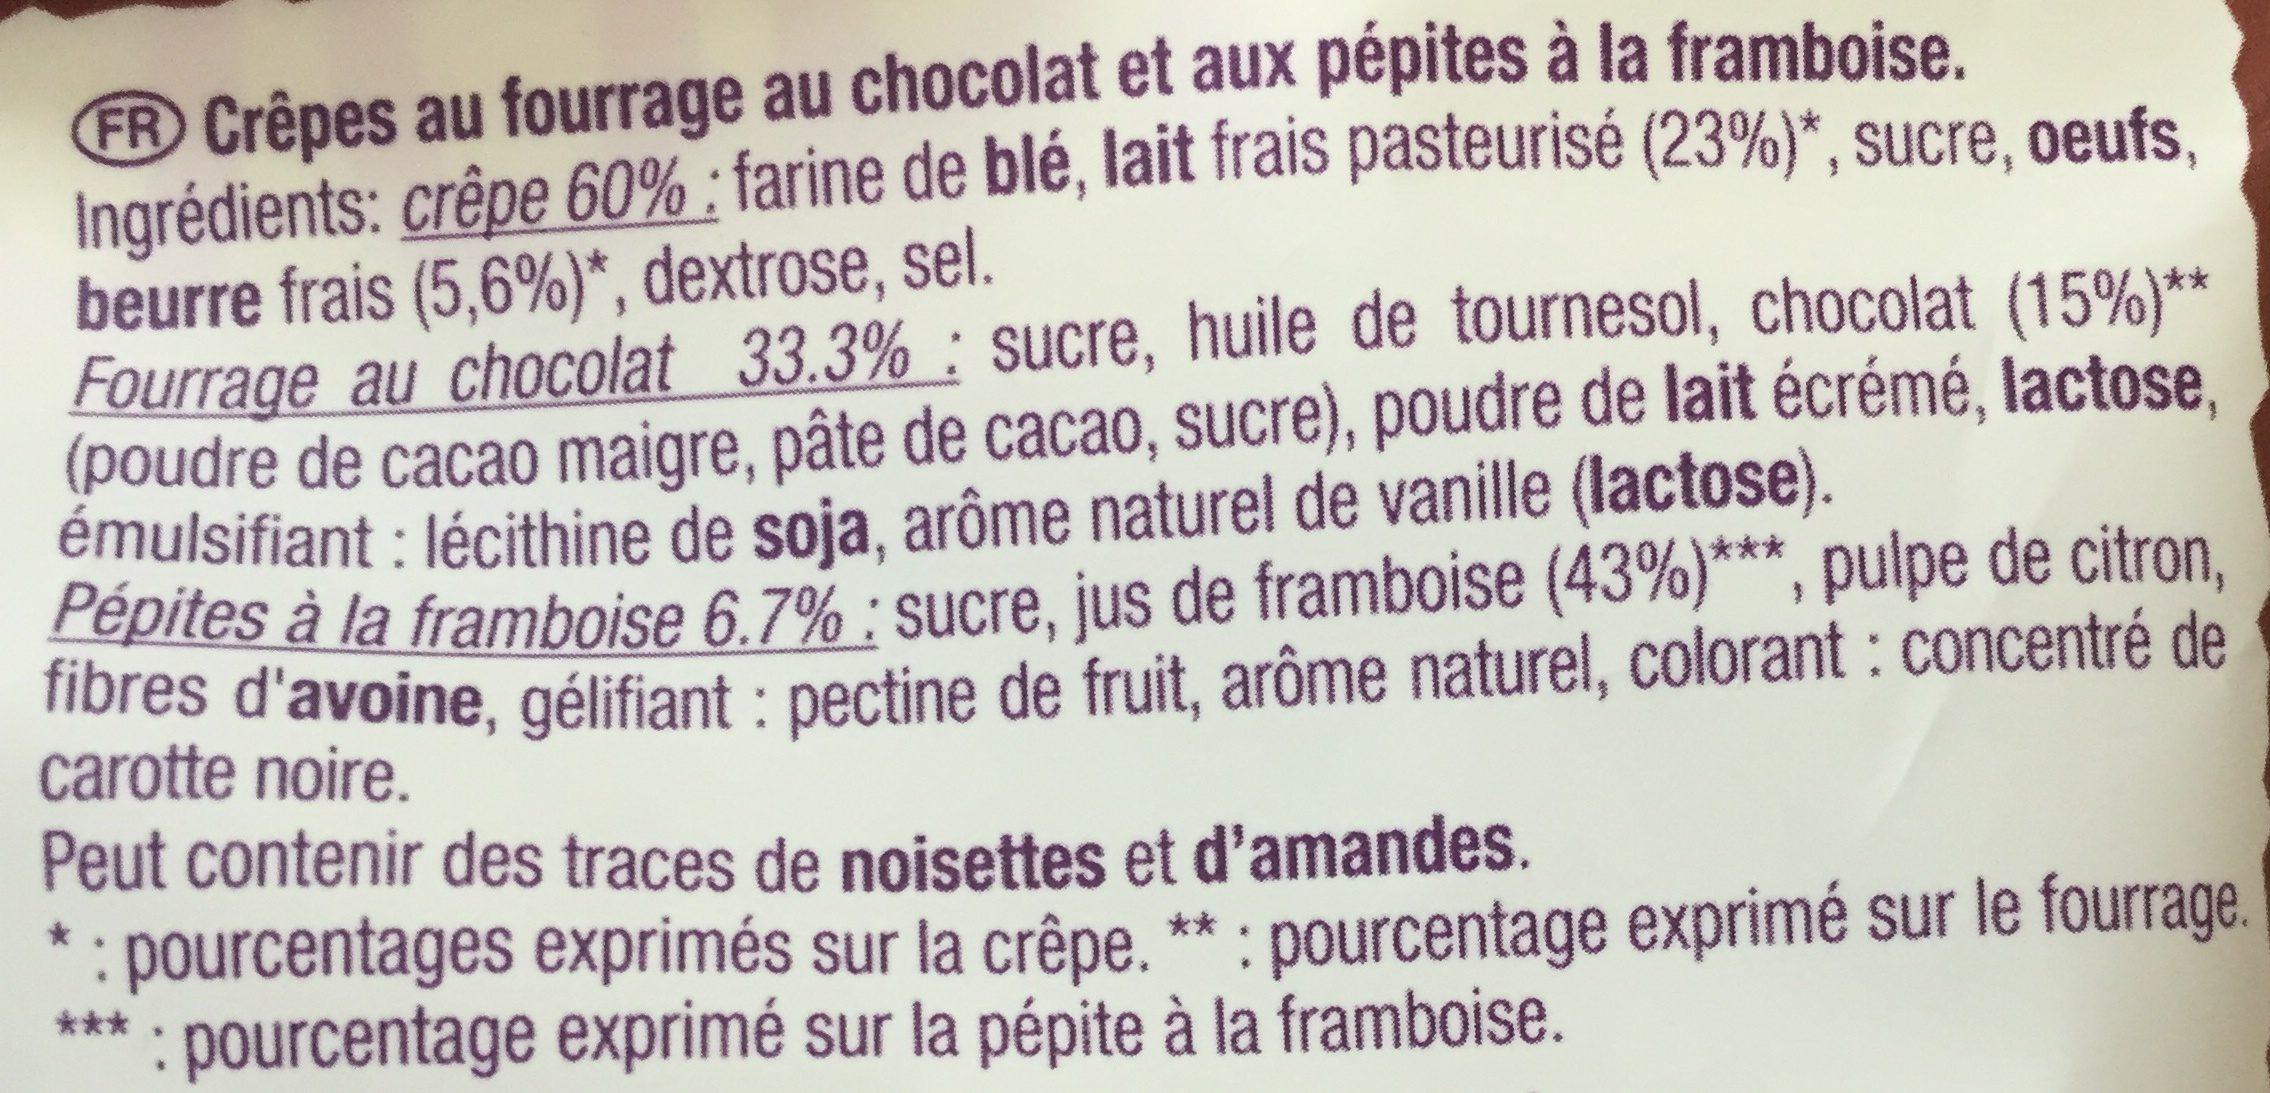 Les Crêpes au Fondant Chocolat & à la Framboise - Ingrédients - fr